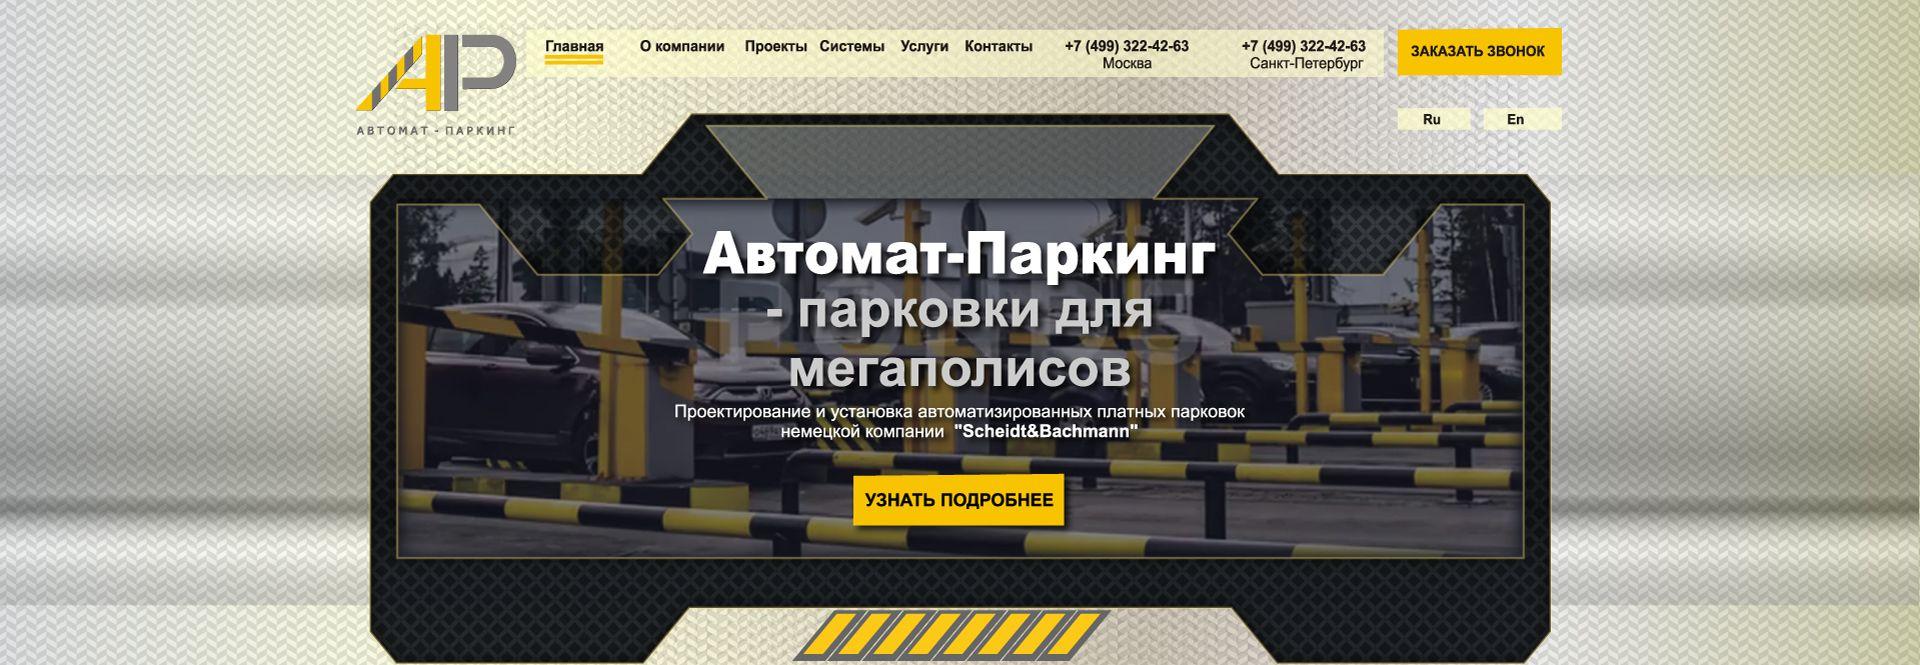 Landing page для Редизайн главной страницы сайта - дизайнер aleksmaster